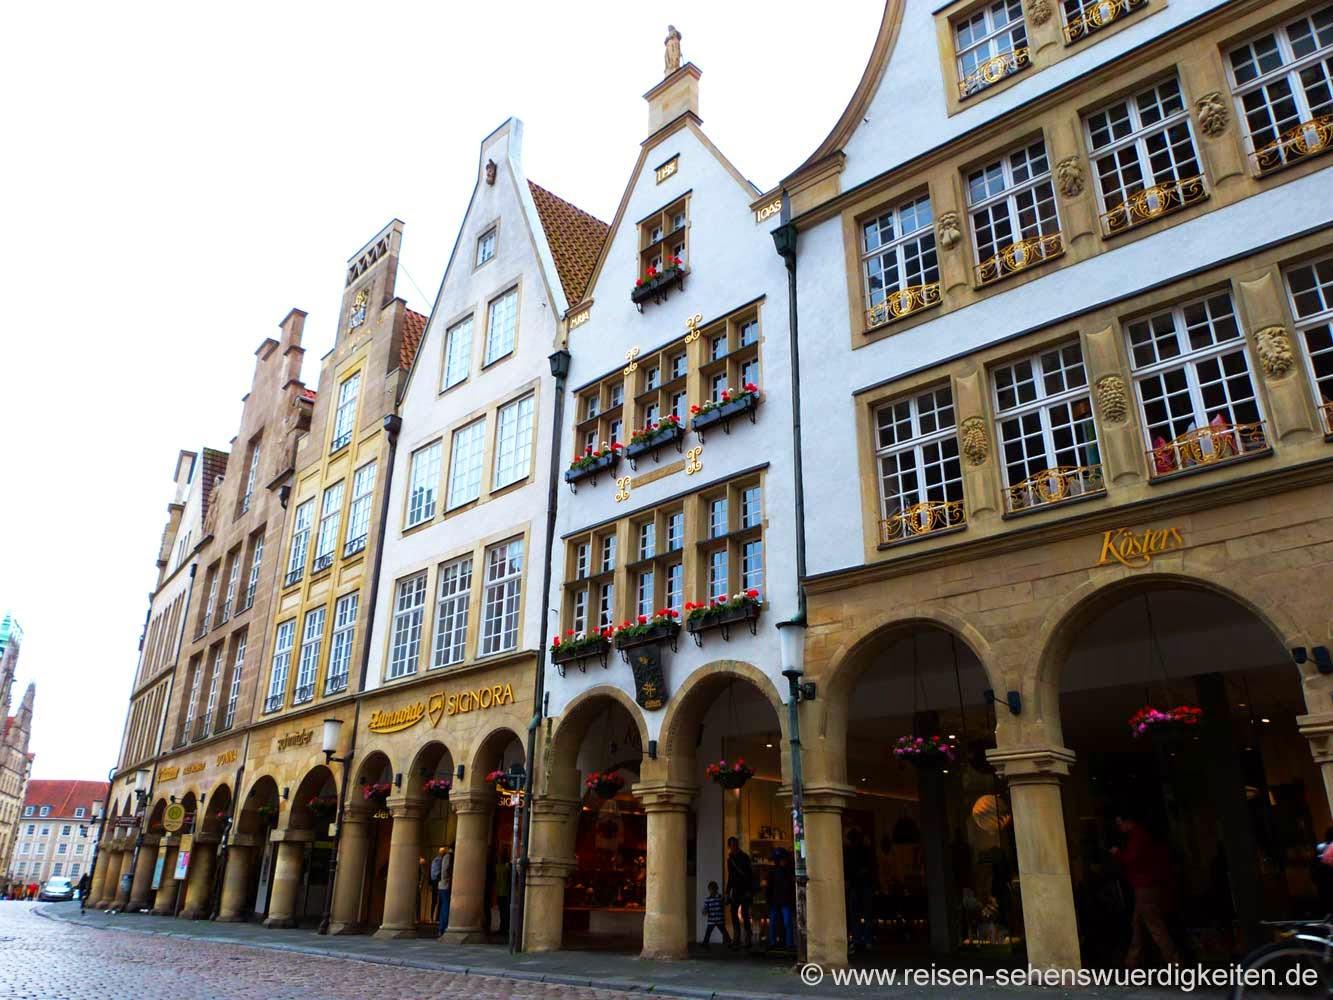 Münster Sehenswürdigkeiten, Giebelhäuser am Prinzipalmarkt in Münster